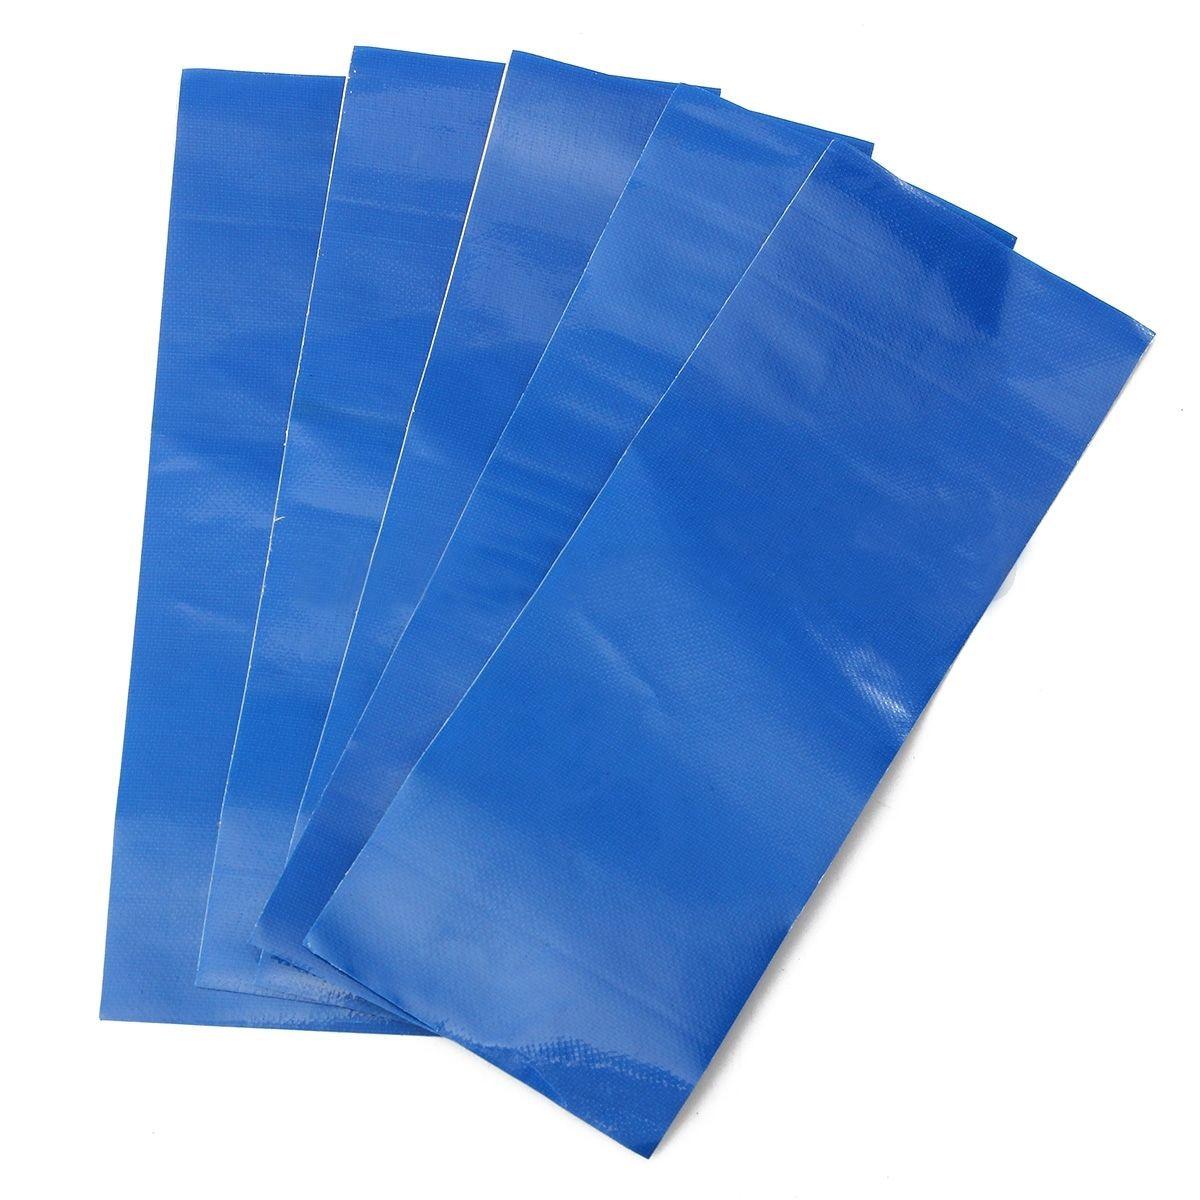 Buy Mayitr 5PCS Awning Tent Tarpaulin Canvas Canopy